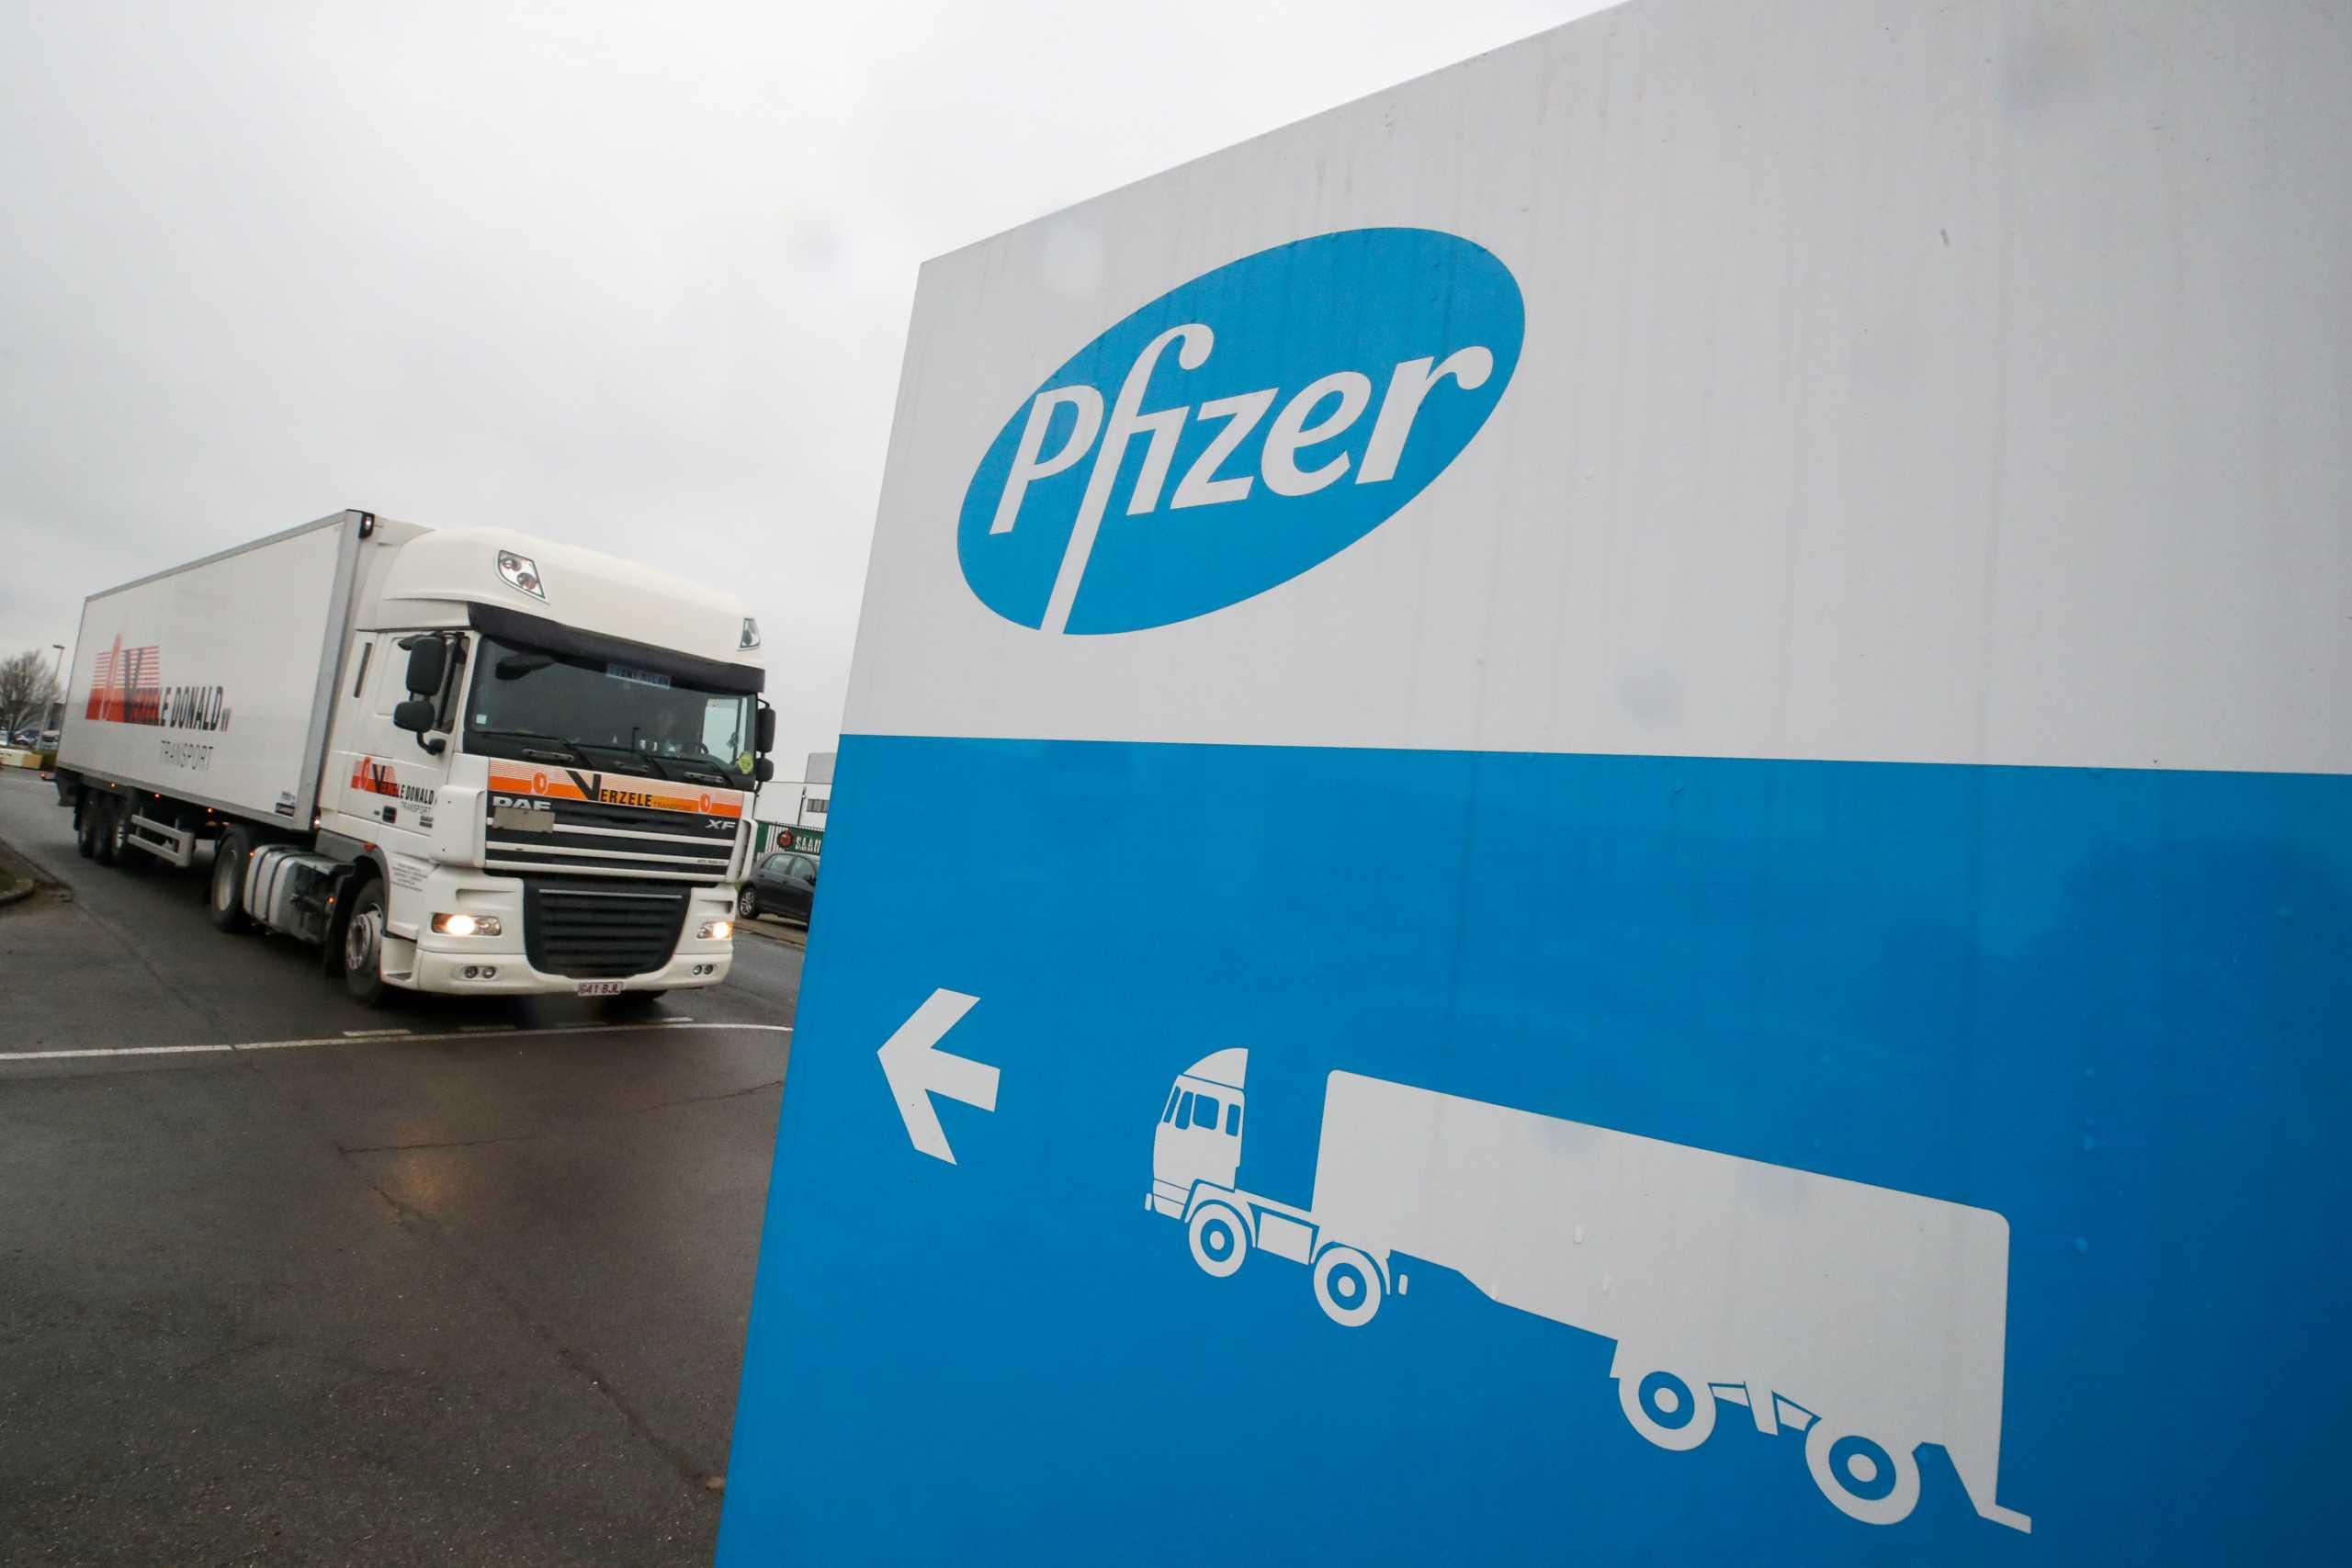 ΠΟΥ: Η δεύτερη δόση για το εμβόλιο της Pfizer ίσως χρειαστεί να καθυστερήσει